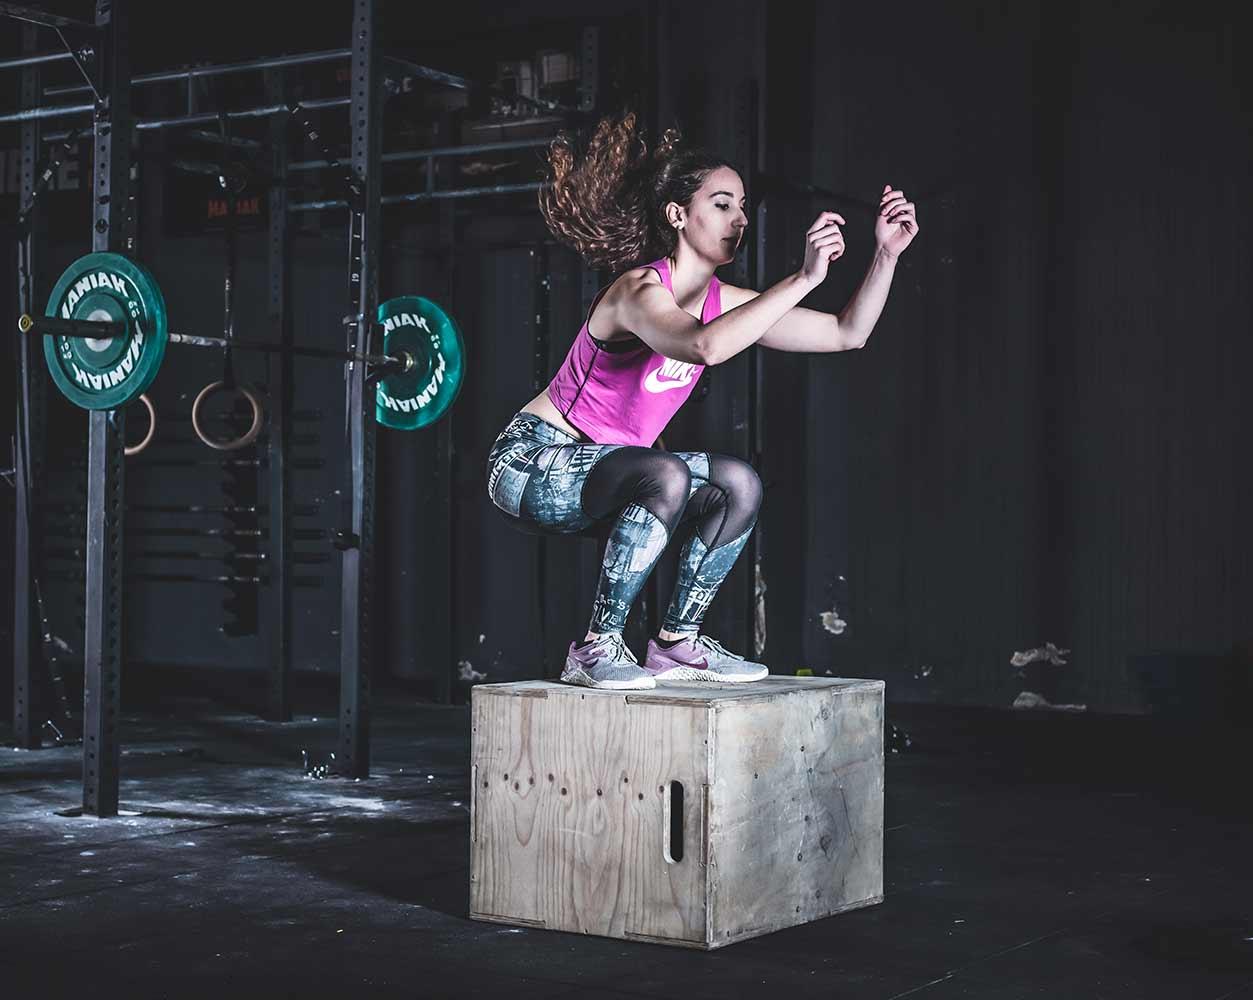 Sesión de fotos de publicidad de gimnasio de una mujer joven saltando sobre una caja de madera